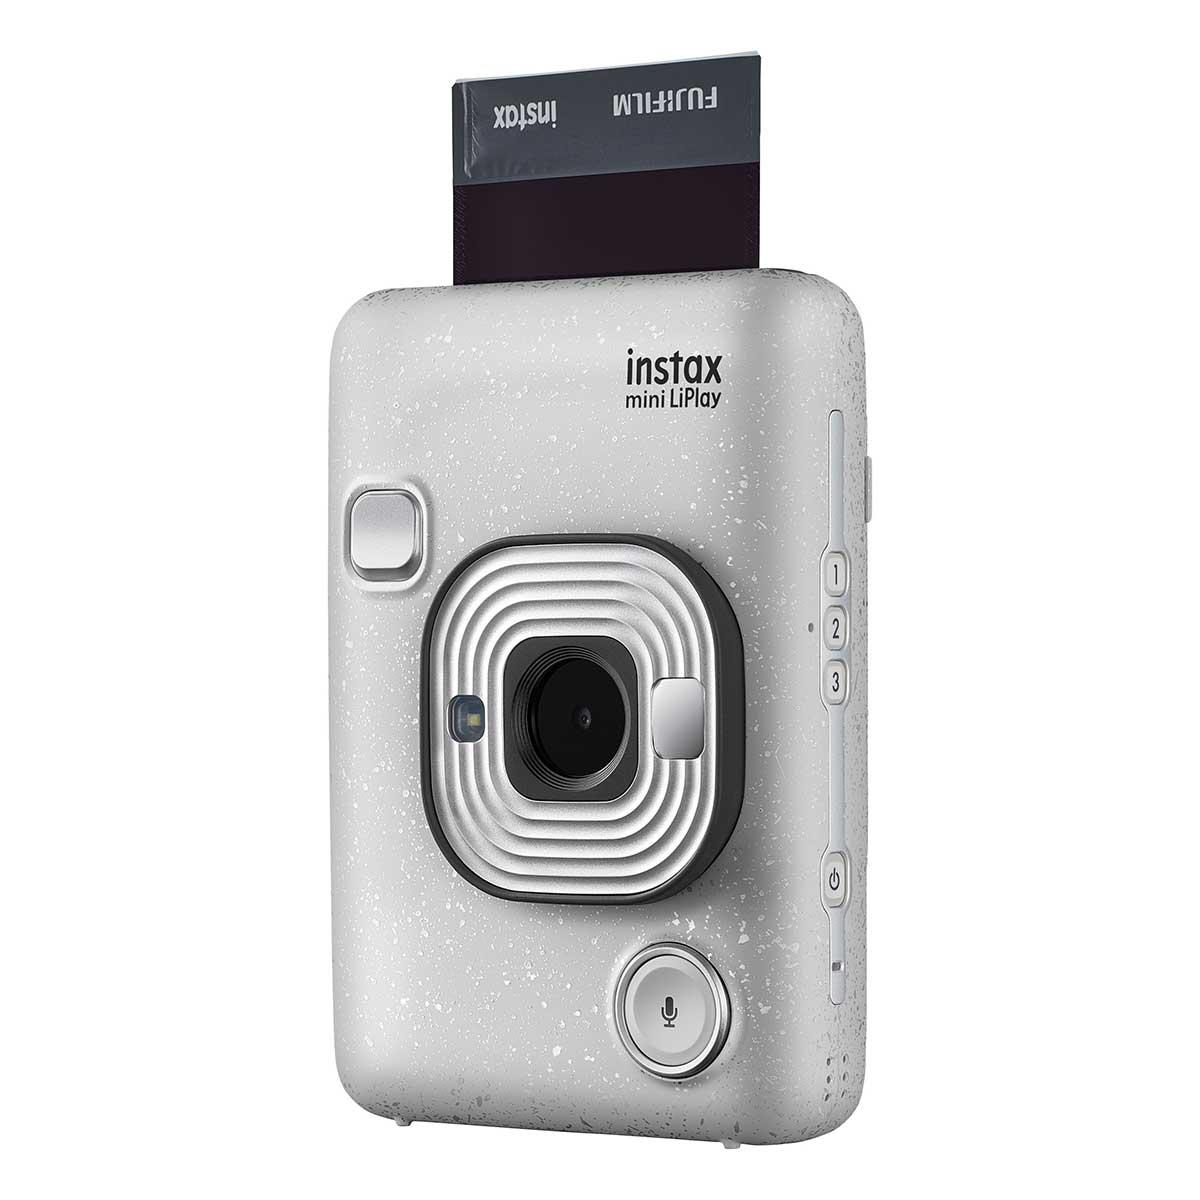 【今週発売の注目製品】富士フイルムのチェキに音声を録音できる「instax mini LiPlay」が登場